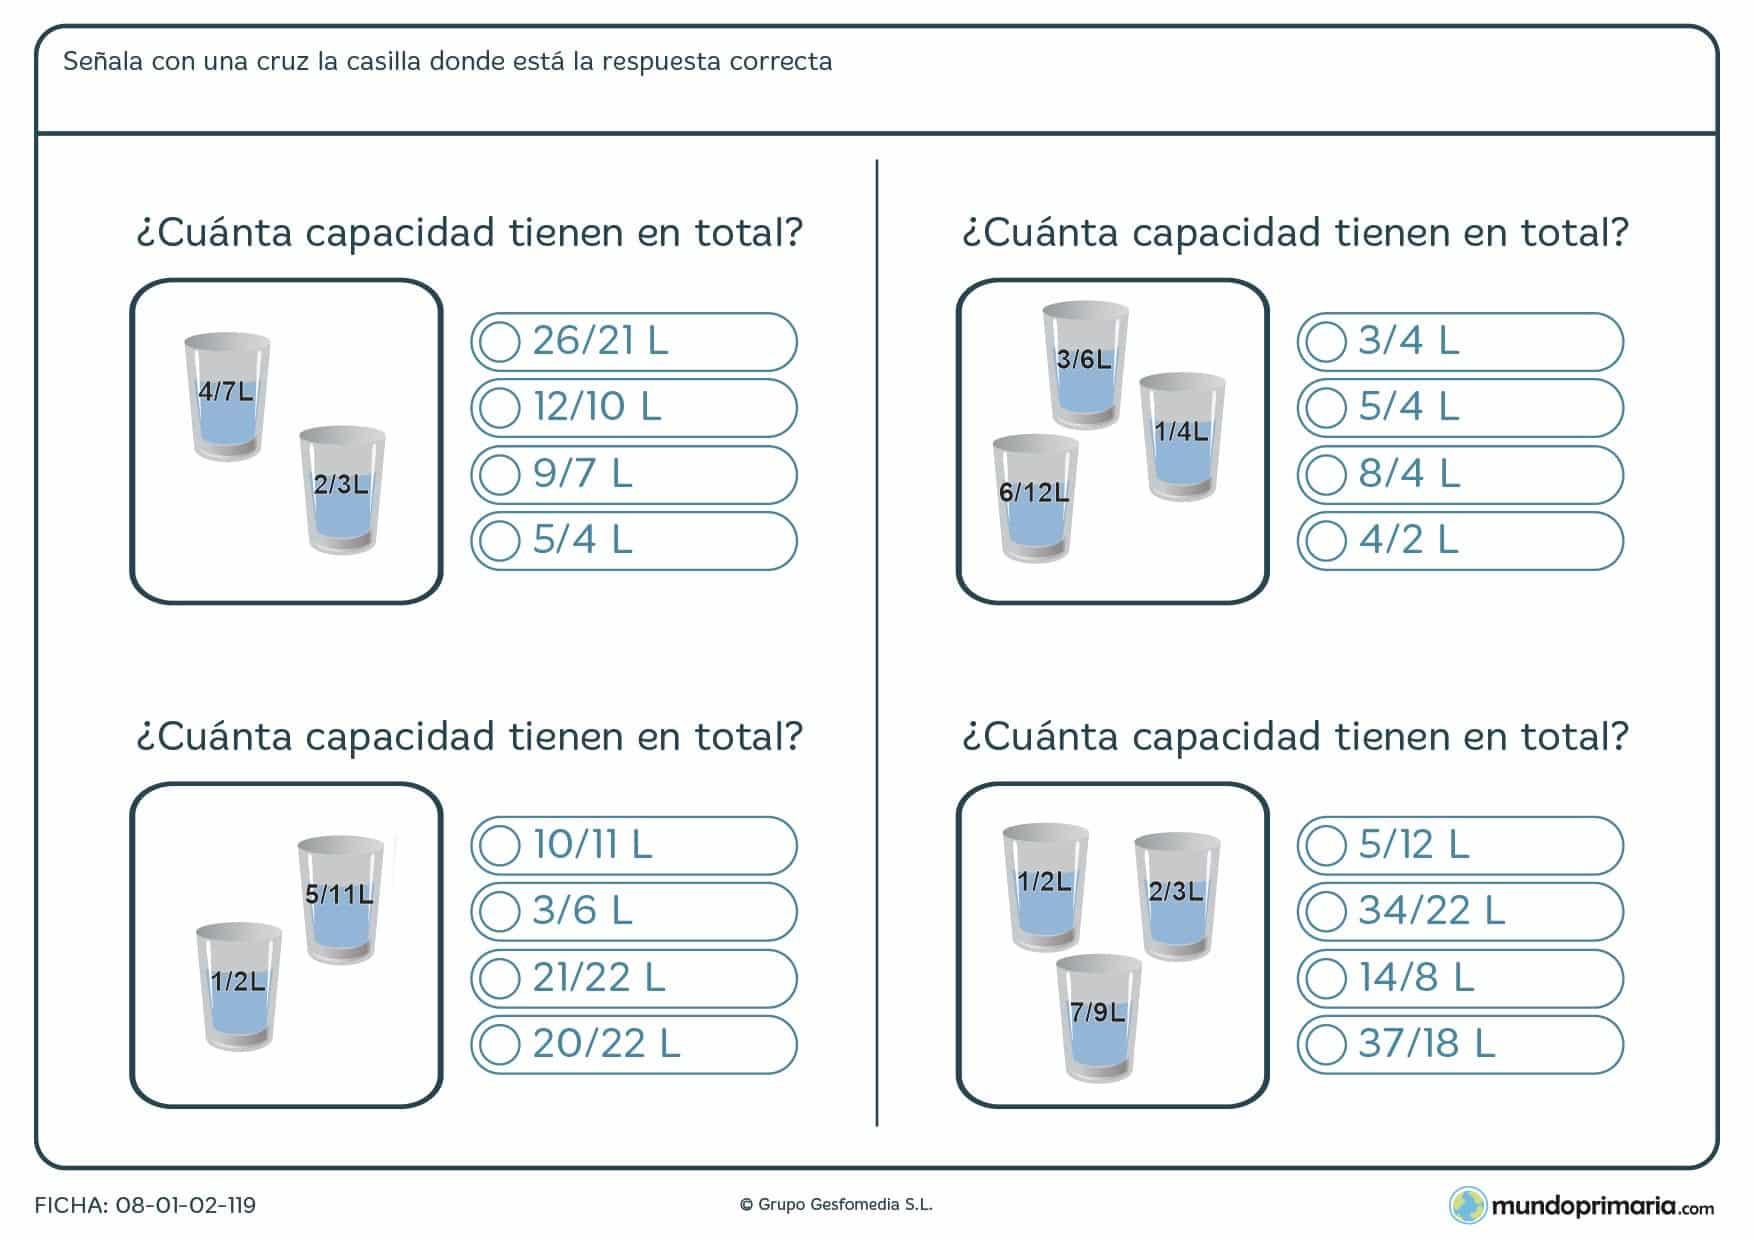 Ficha de sumar contenido de envases con líquidos y señalar la respuesta correcta.